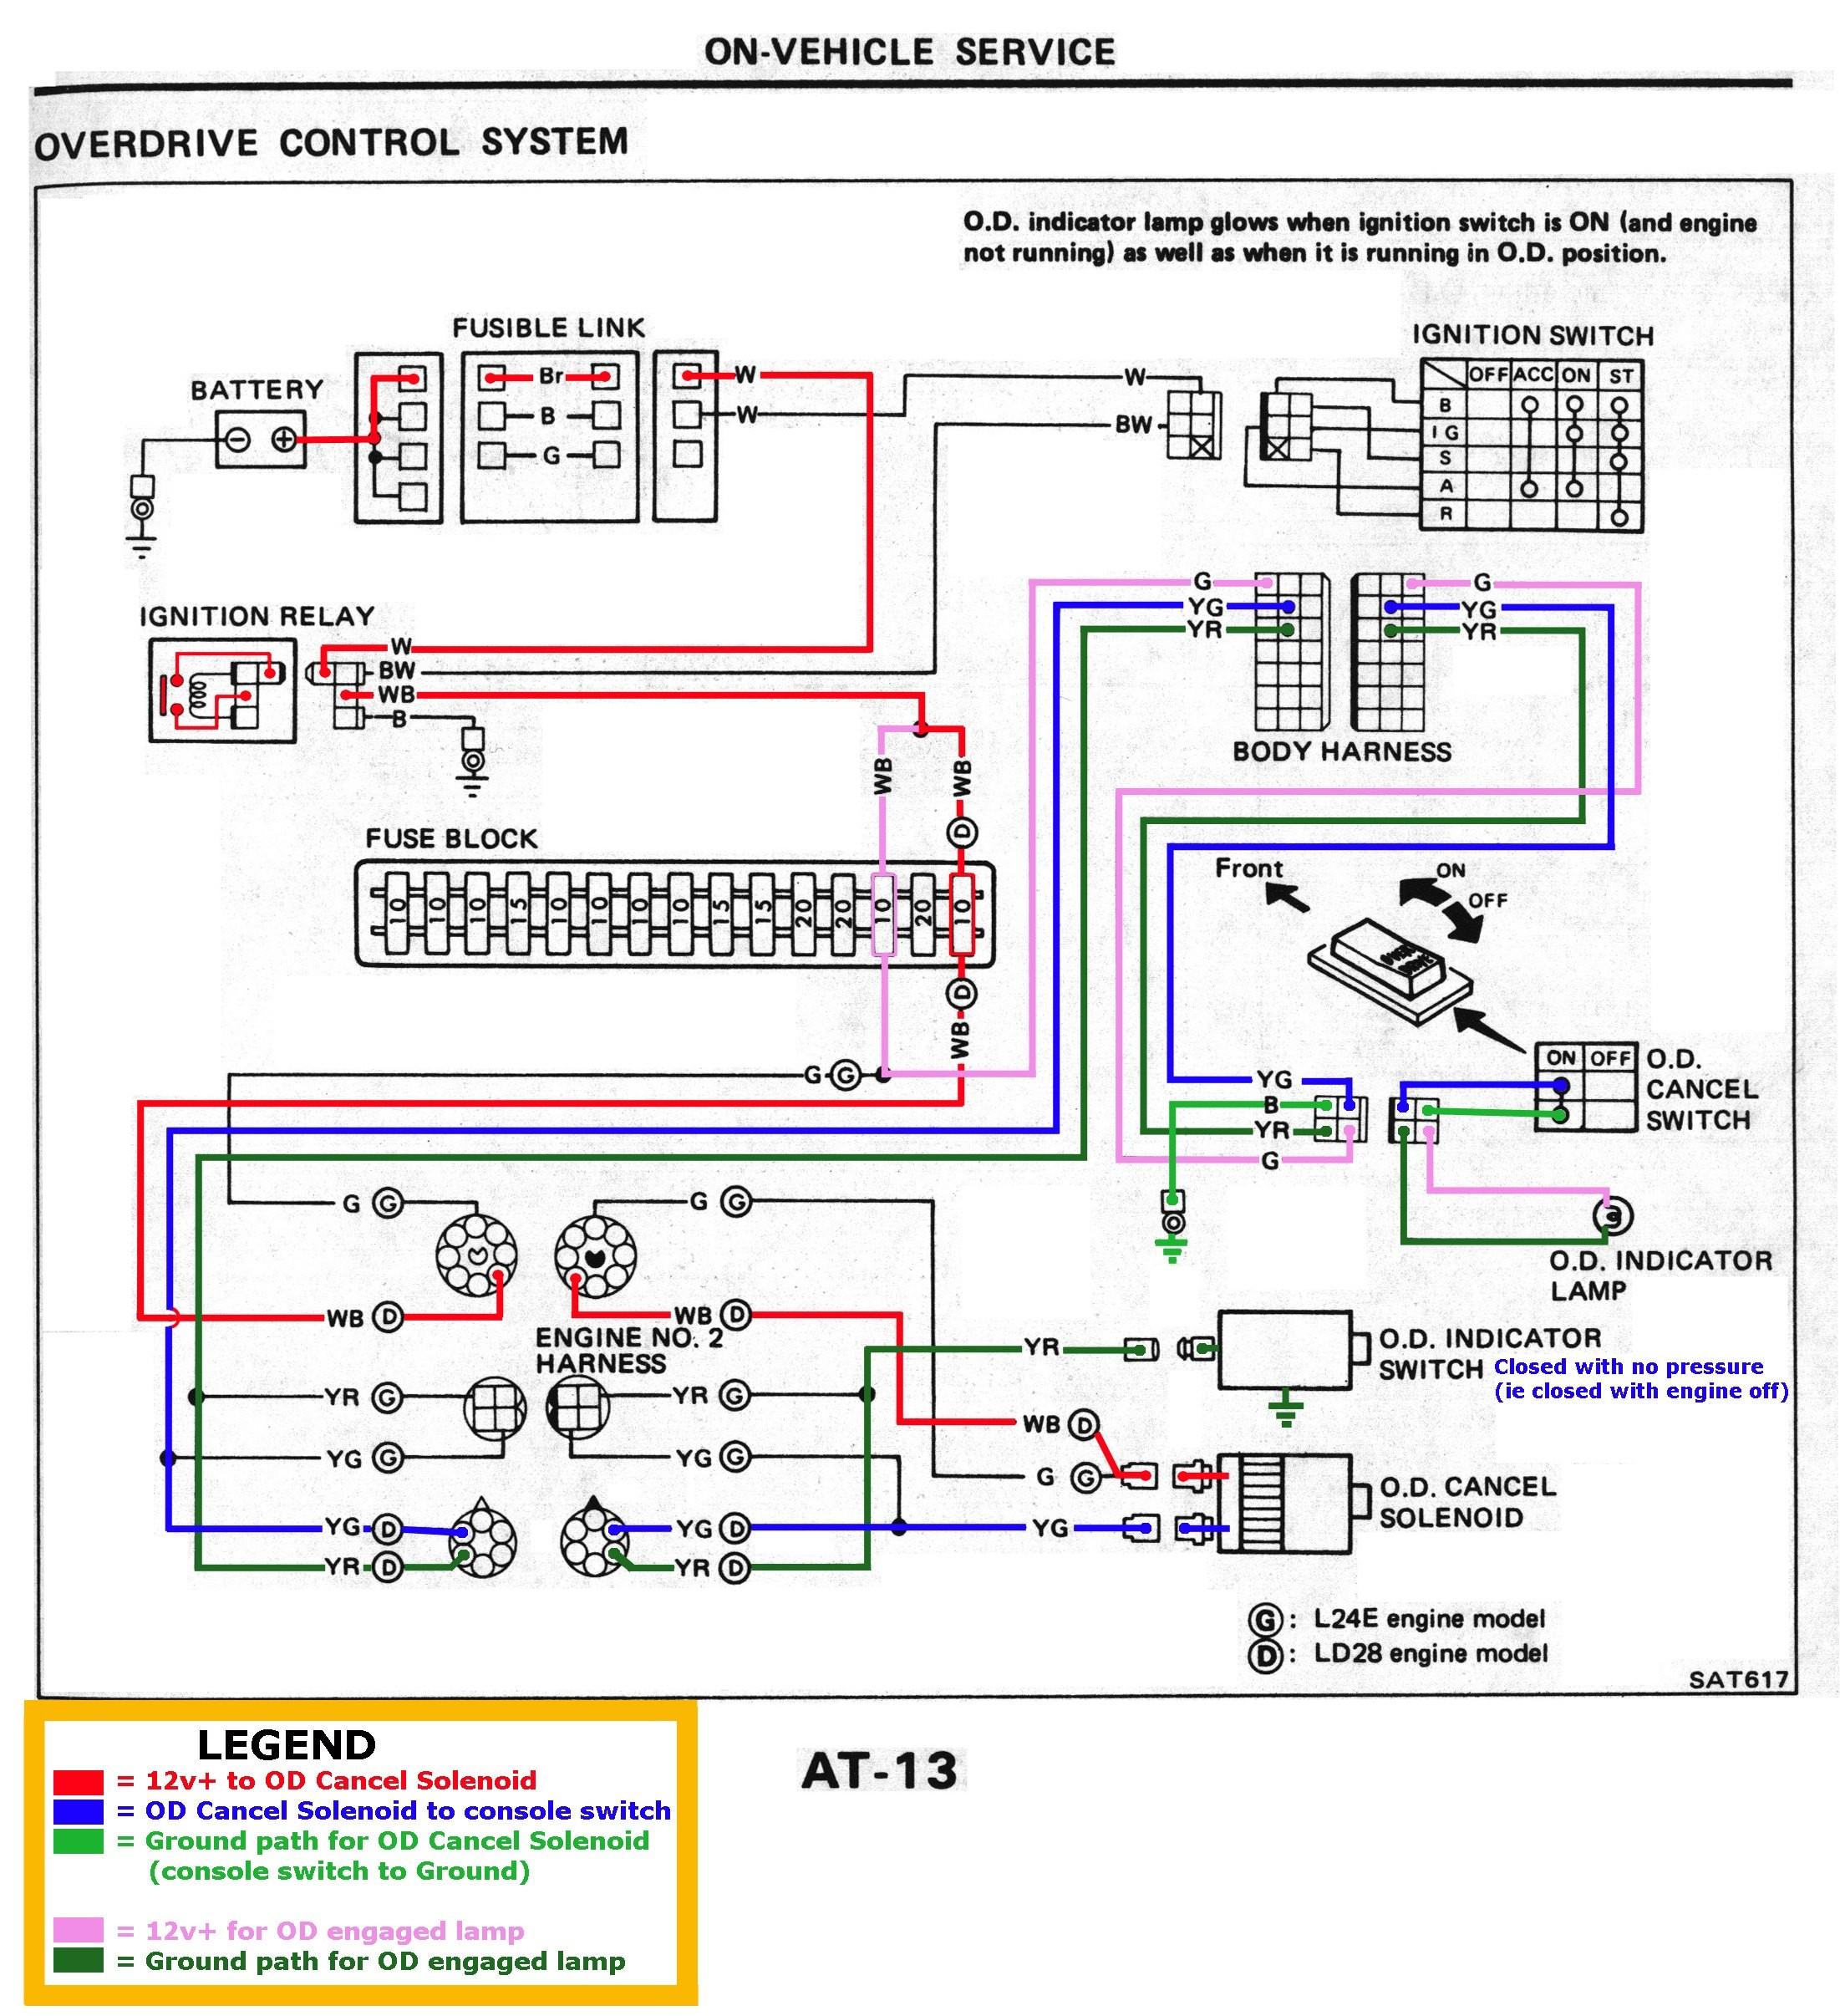 Diesel Engine Components Diagram Basic Diesel Engine Wiring Diagram – Wiring Diagram Collection Of Diesel Engine Components Diagram